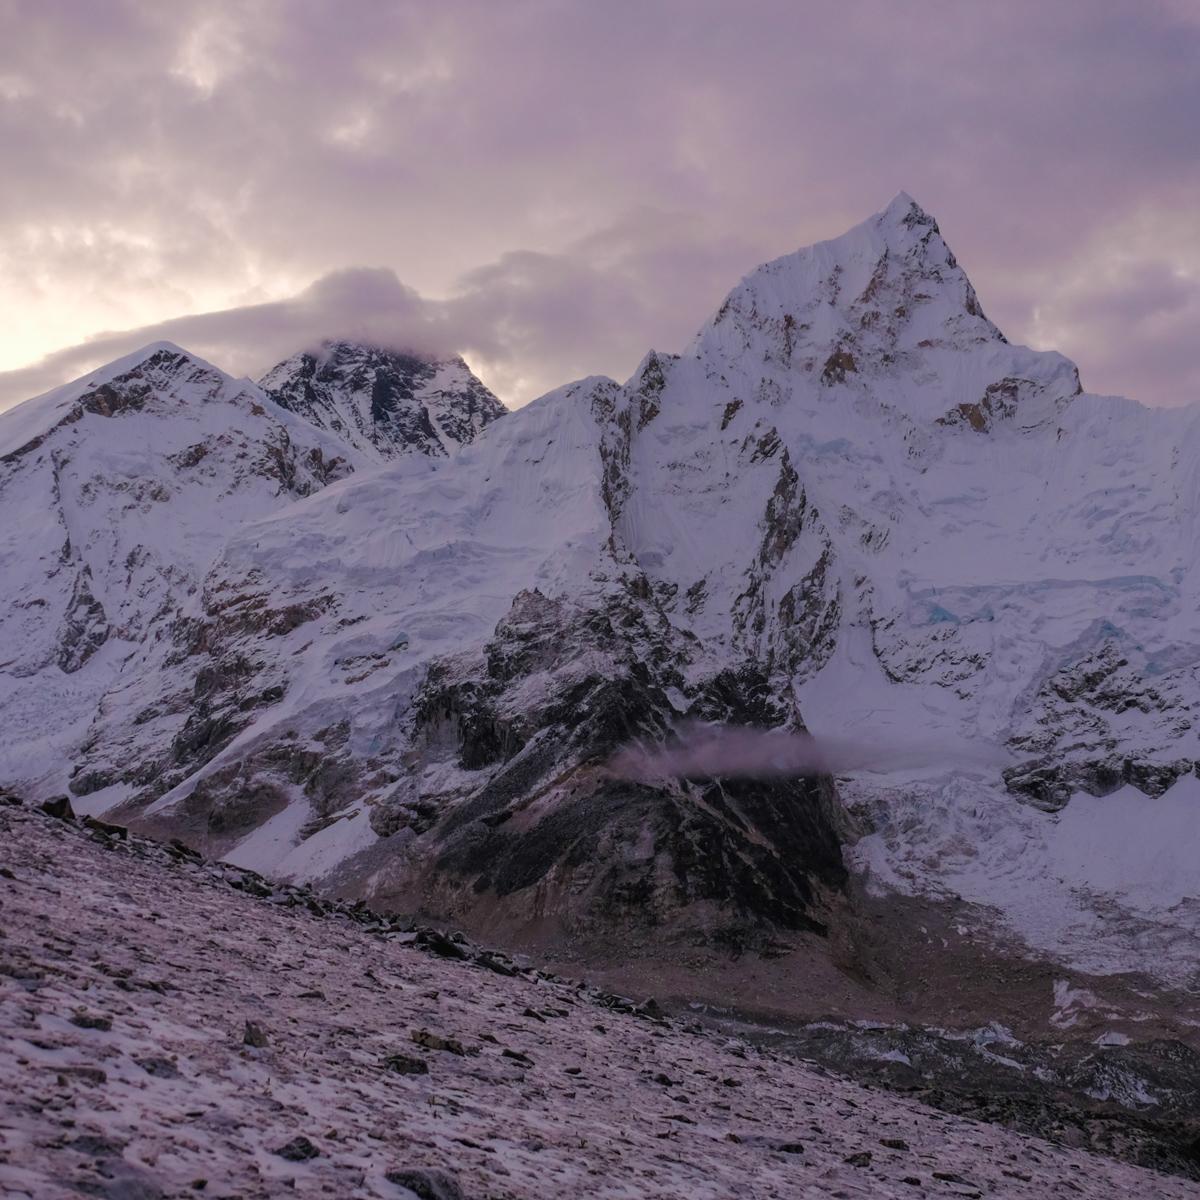 Kala Patthar & Gokyo, Everest 3 pass #3 5